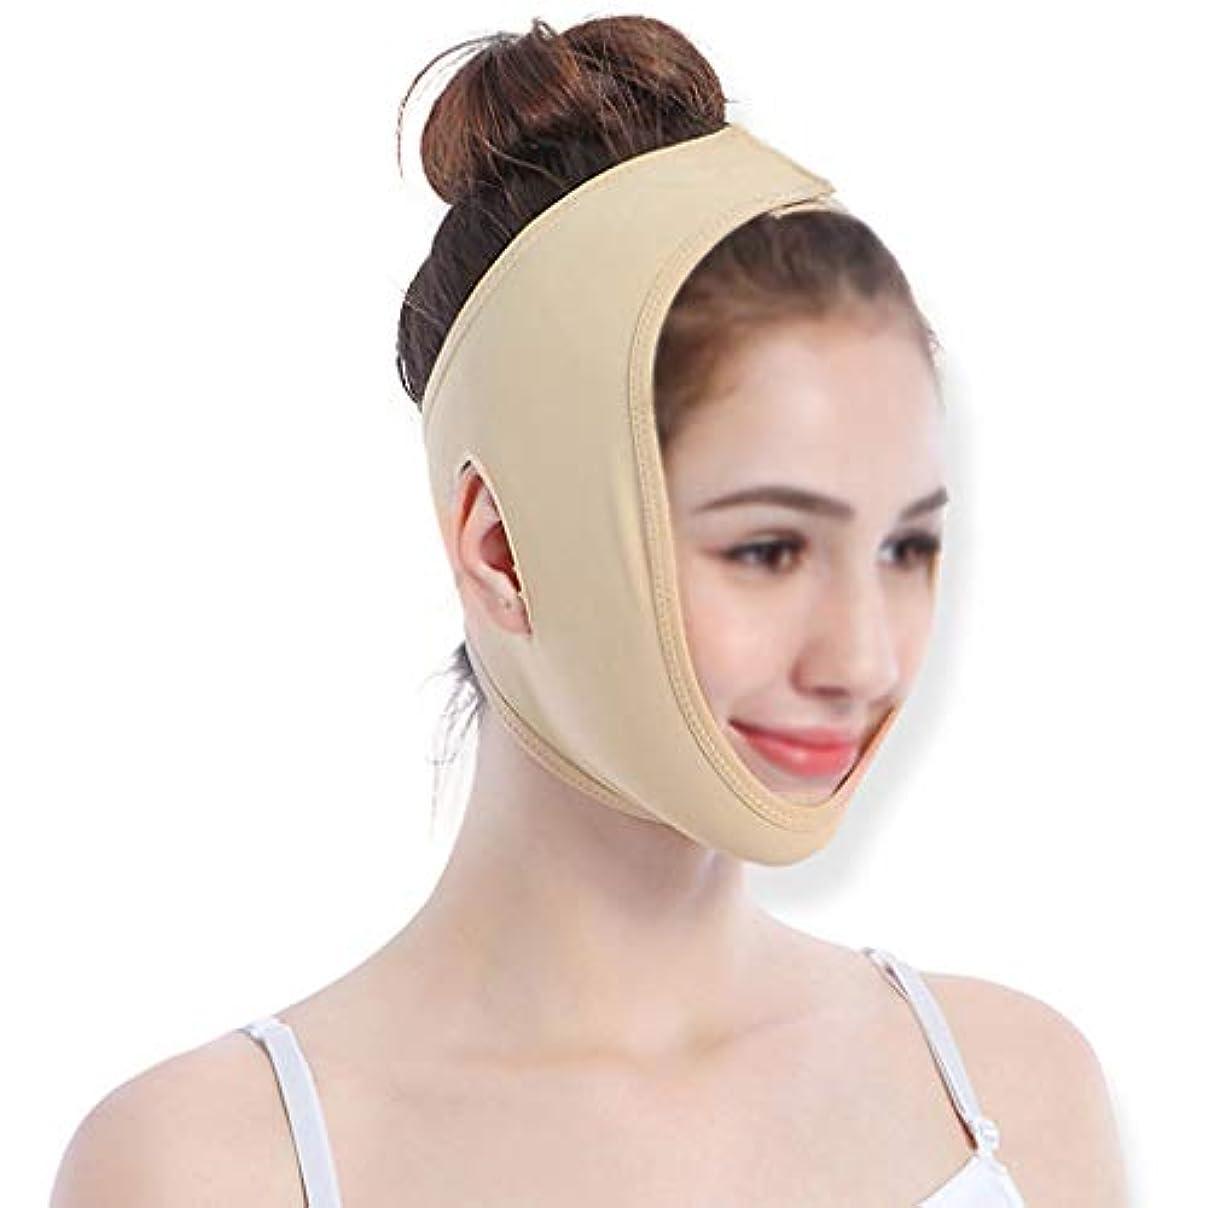 後継ペンフレンド発揮するGLJJQMY スリムな包帯V顔の顔のアーティファクトは、女性と女性のための繊細な顔のしわ防止フェイシャルツールを向上させます 顔用整形マスク (Size : M)